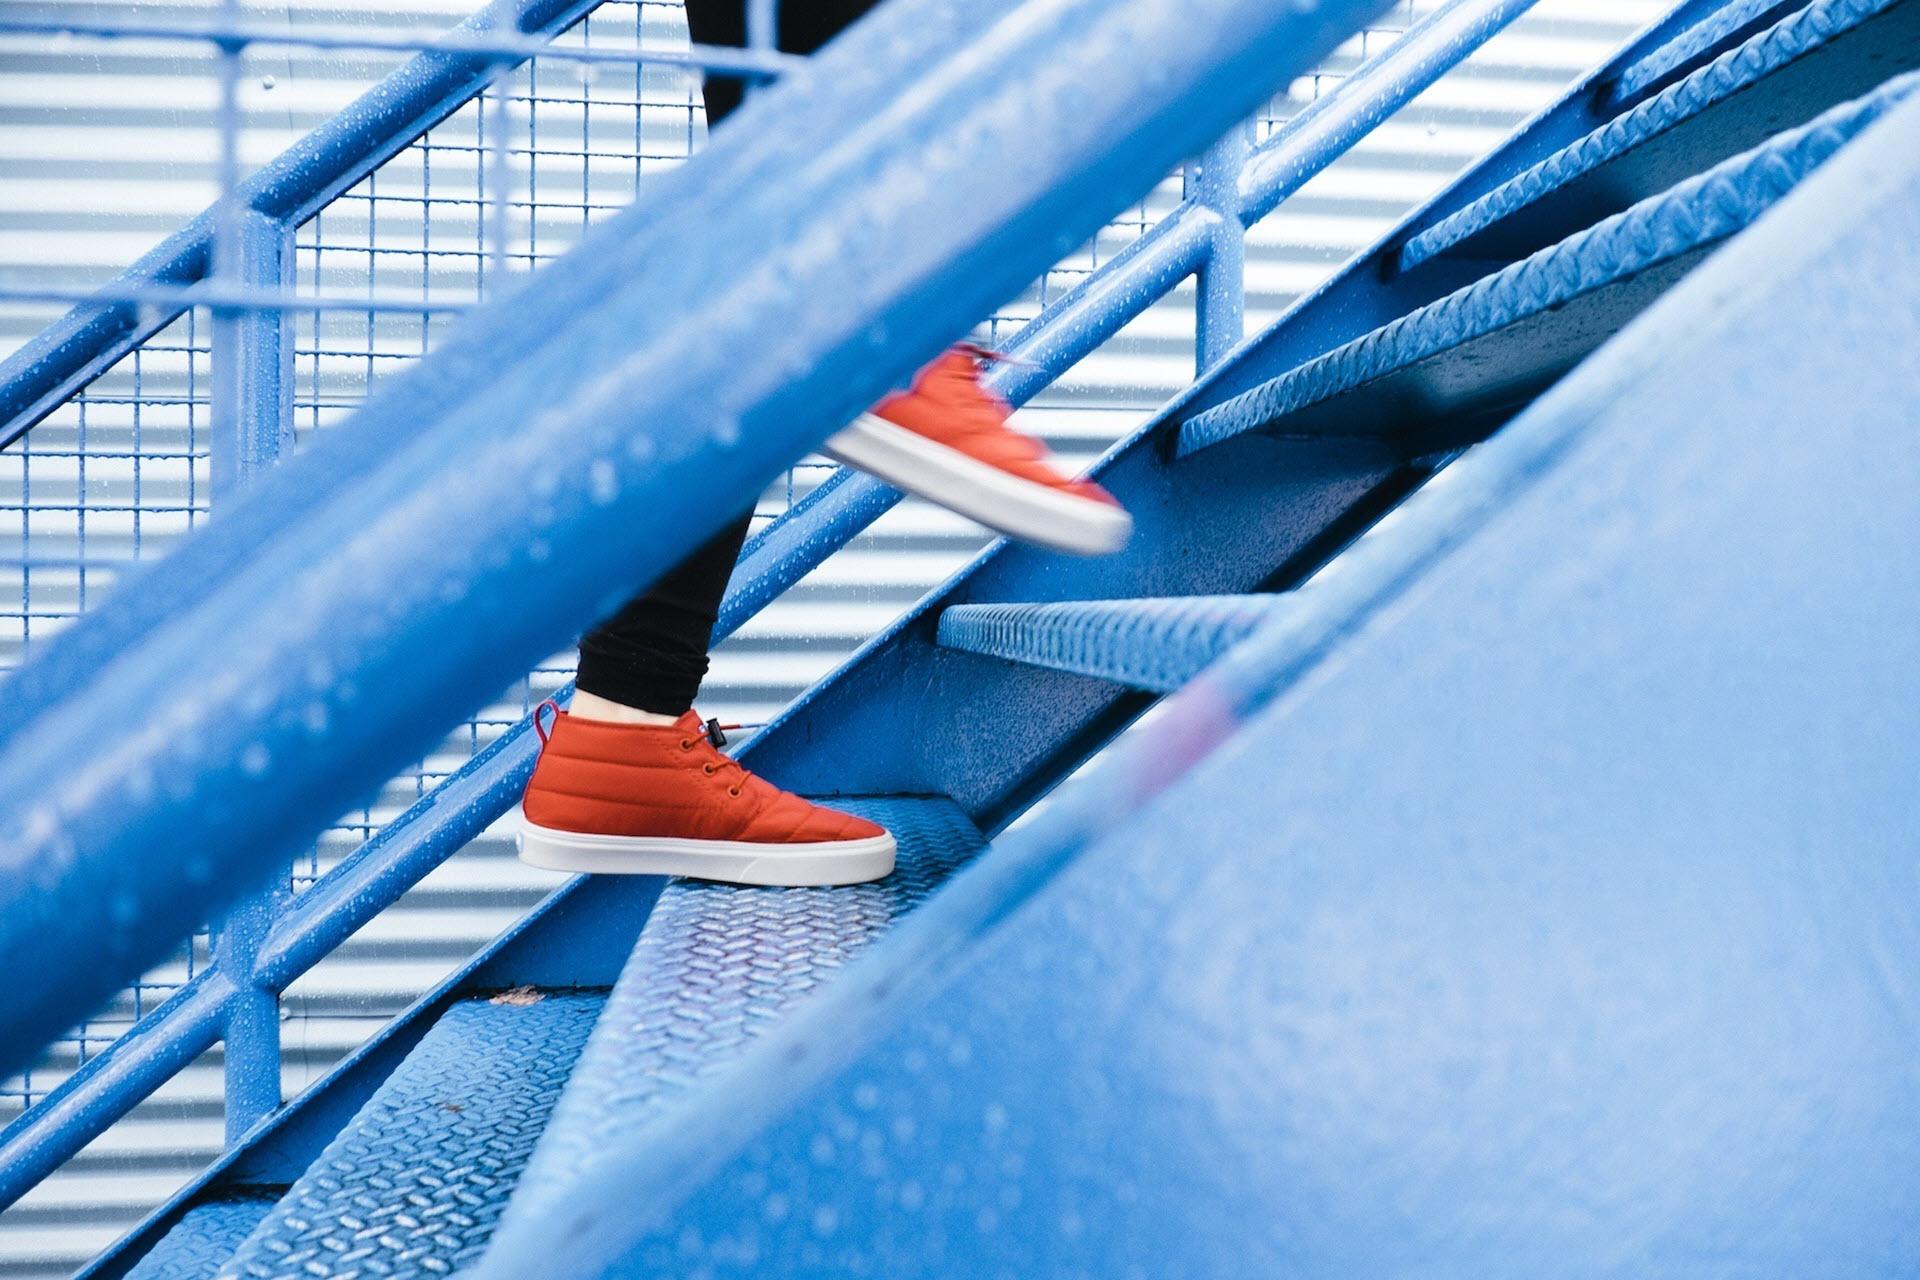 Kleine Schritte führen zum Ziel 🚶 | Gesetz der Minimalkonstanz